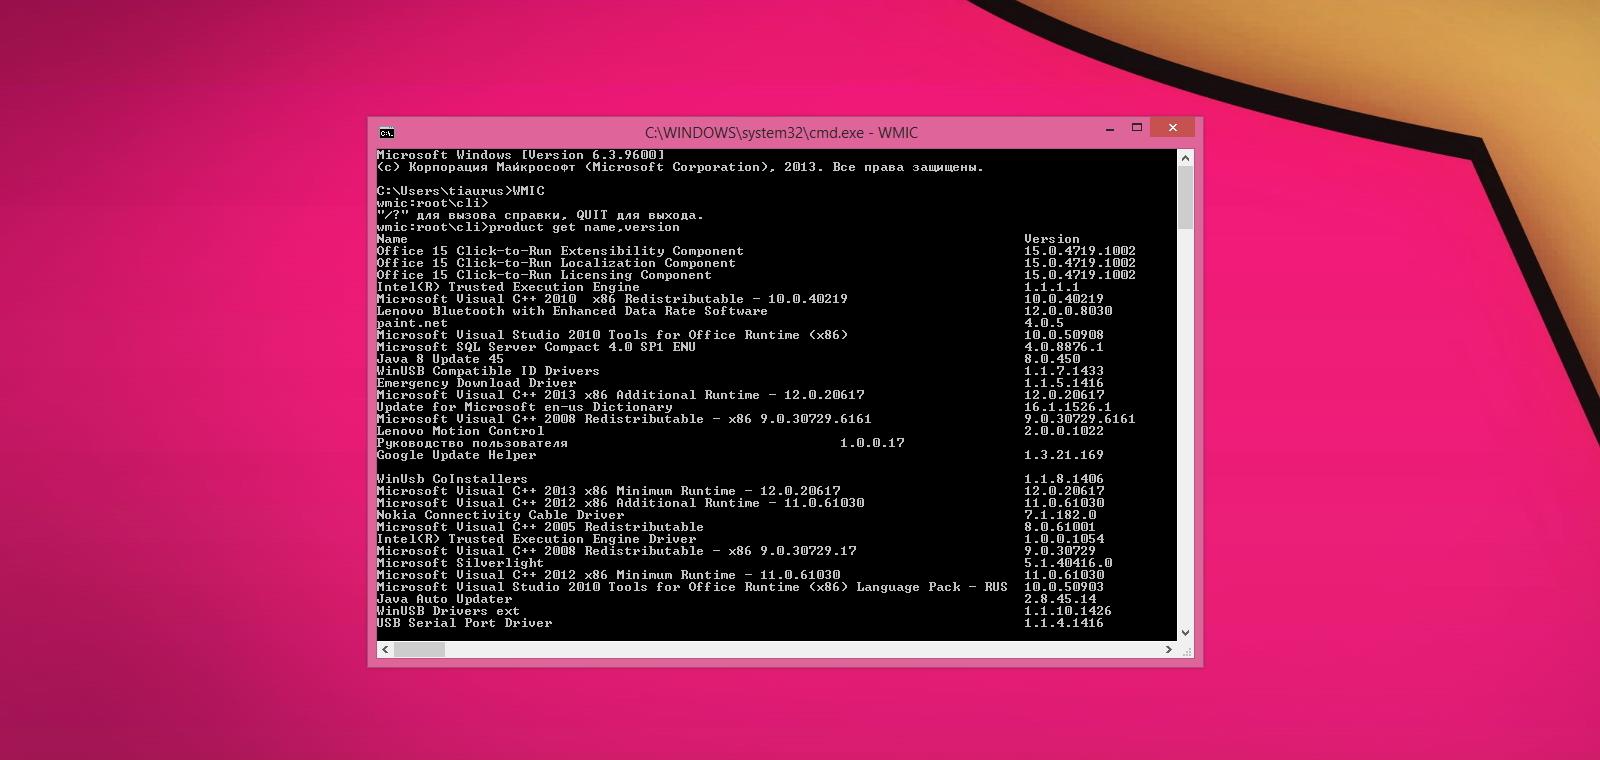 Как получить список всех программ, установленных в системе